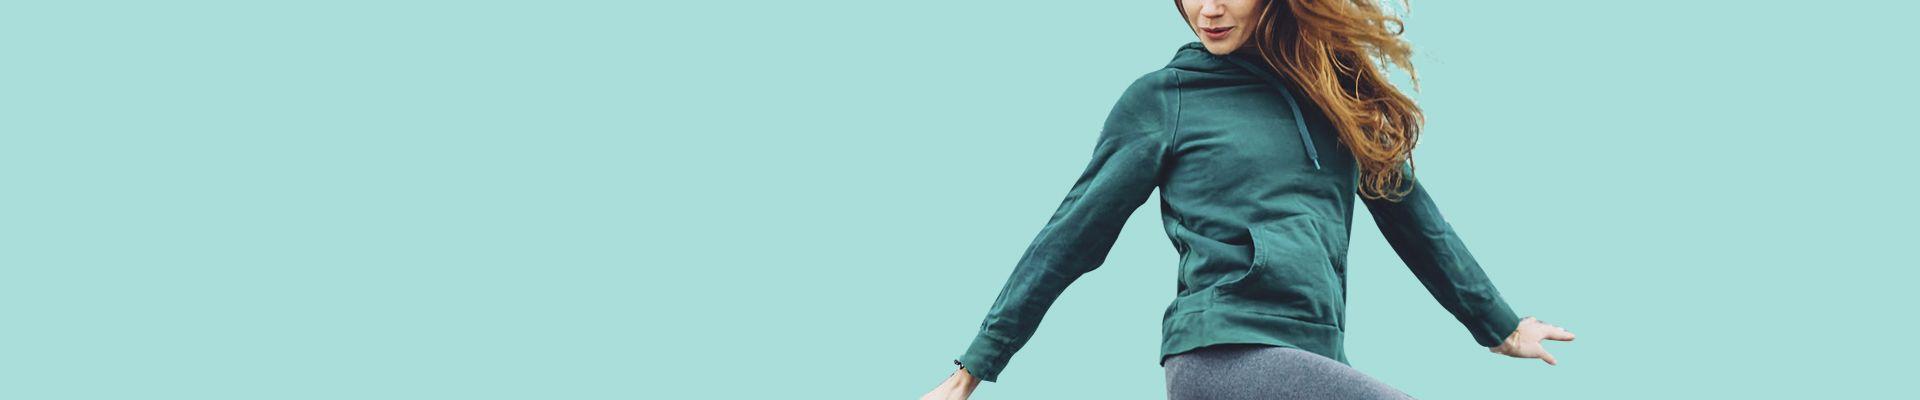 Temukan dan beli jaket favoritmu di sini, jaket wanita, jaket kualitas import original yang terbaru dan branded, jaket parasut waterproof (anti air) modis dan stylish model terbaru yang keren, ataupun jaket dari berbagai distro dengan harga yang terjangkau dan berkualitas di KindleCup, belanja nyaman, jaminan uang kembali & pengiriman cepat.